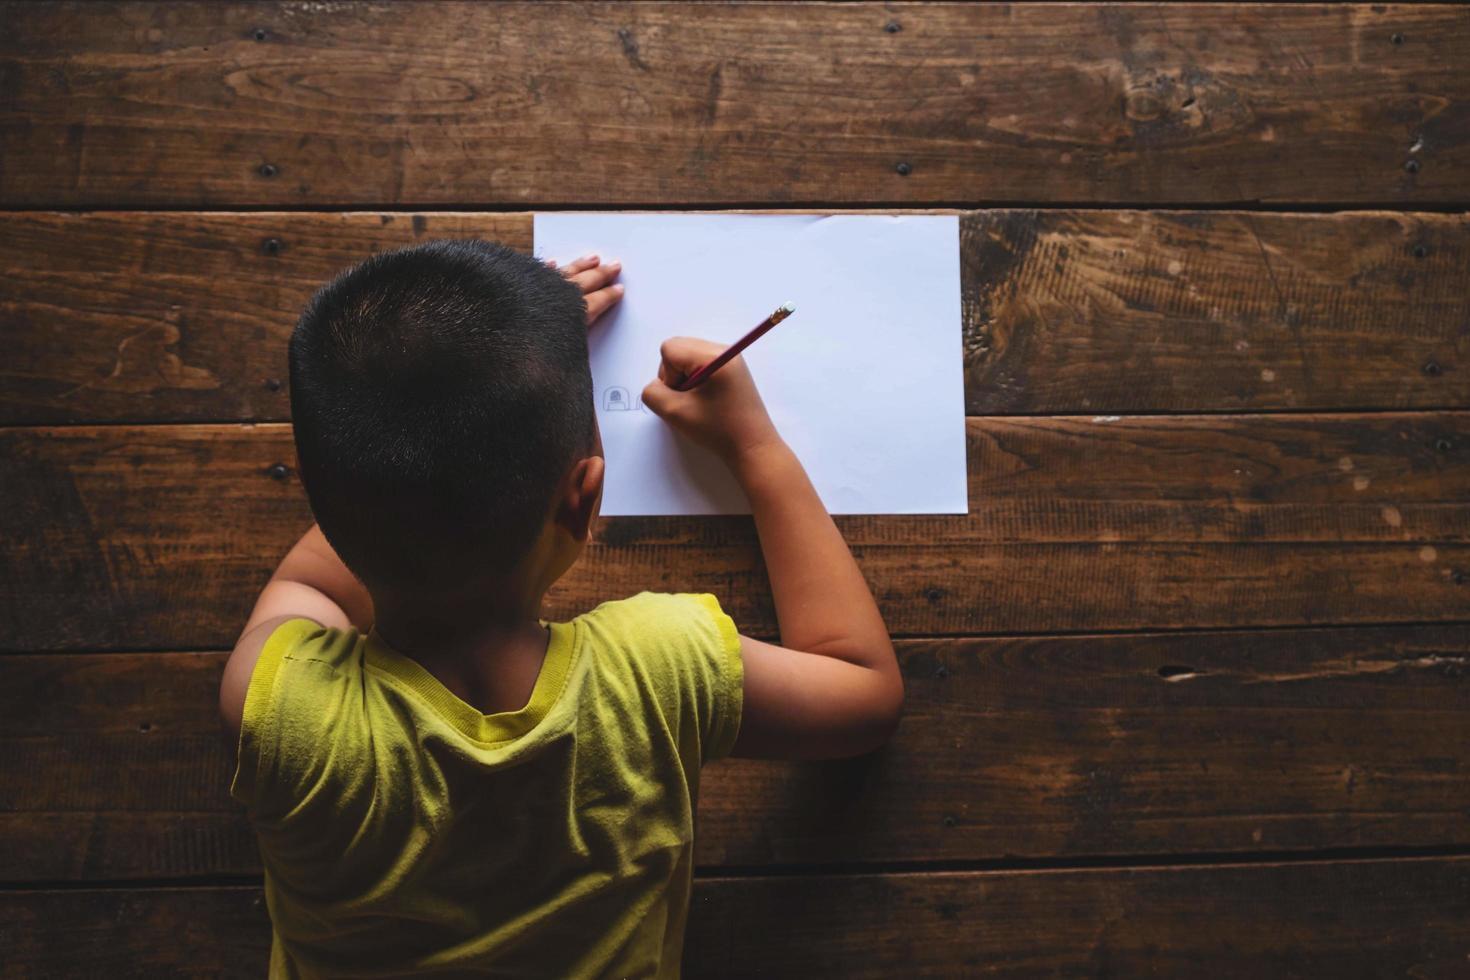 pojke sett bakifrån skriver på papper på trägolv foto